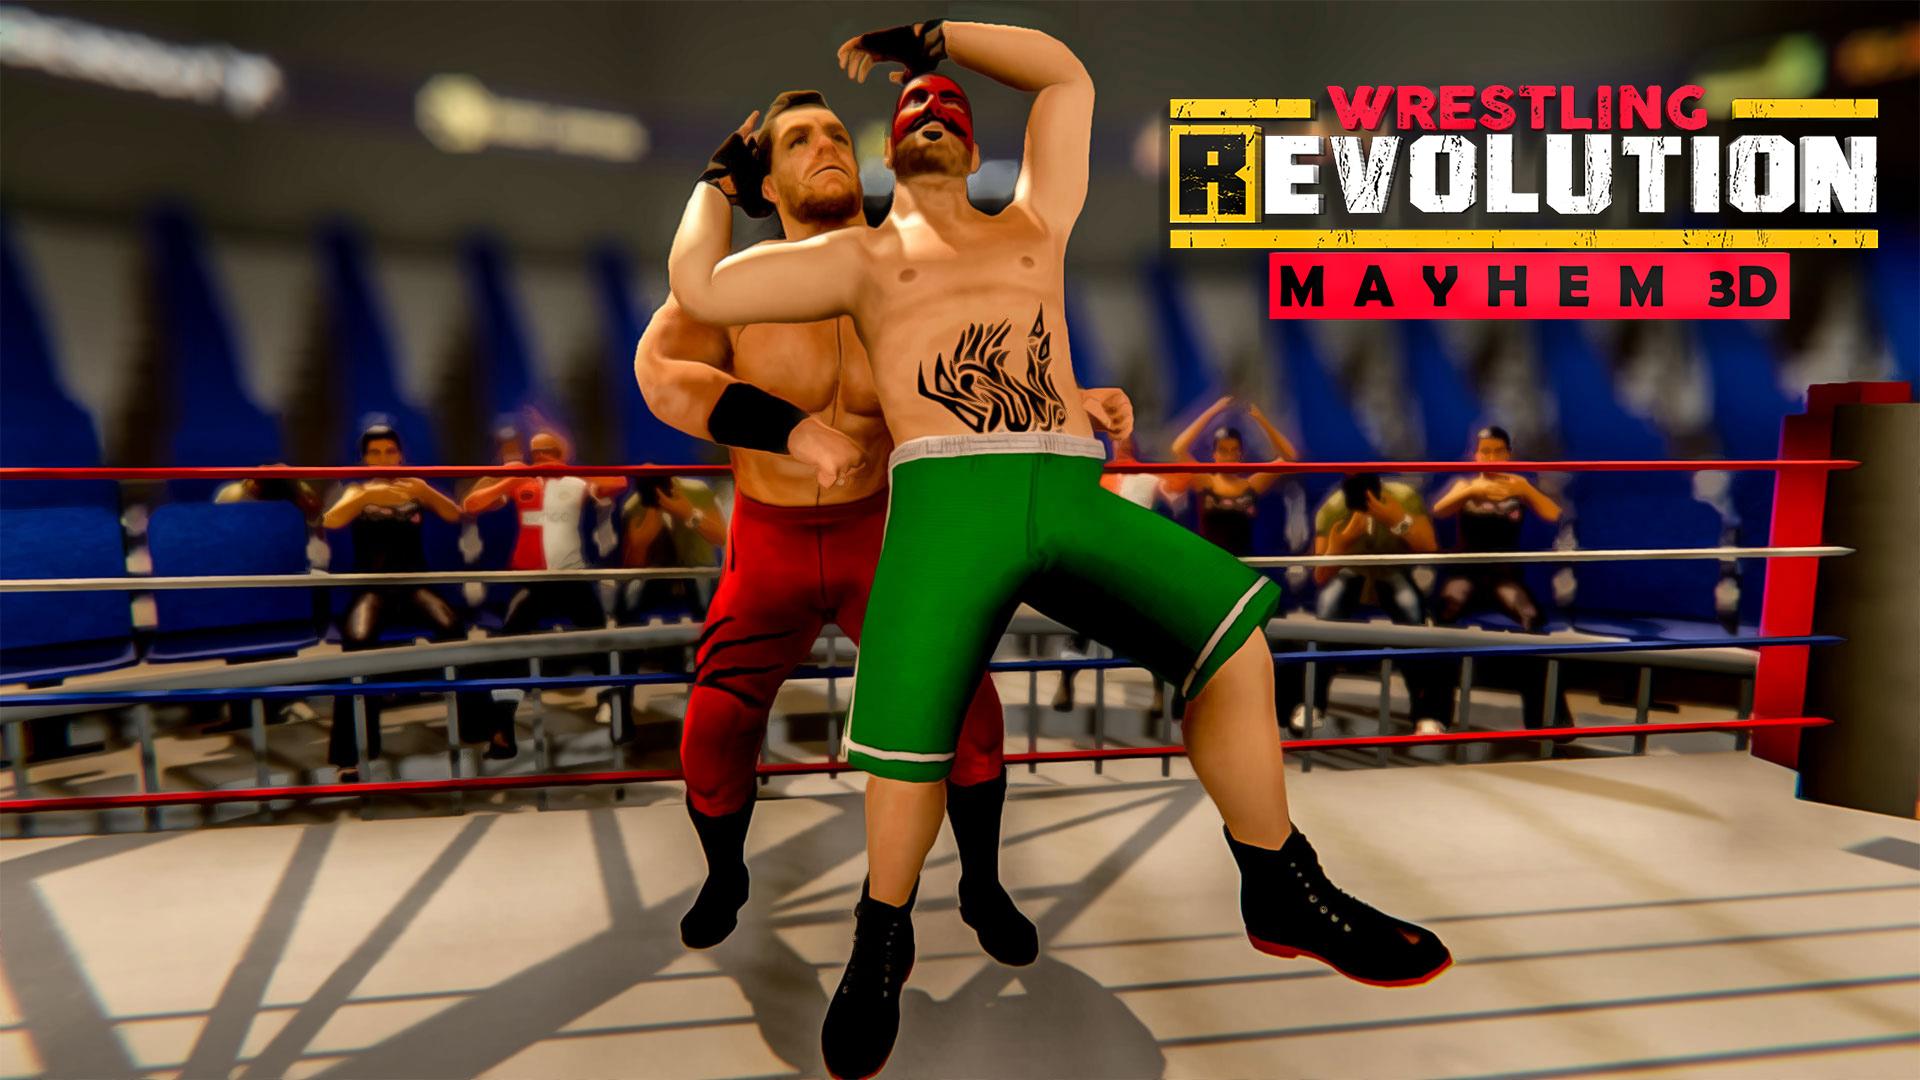 Hell Cell Wrestling Revolution - Tag Team 2k19